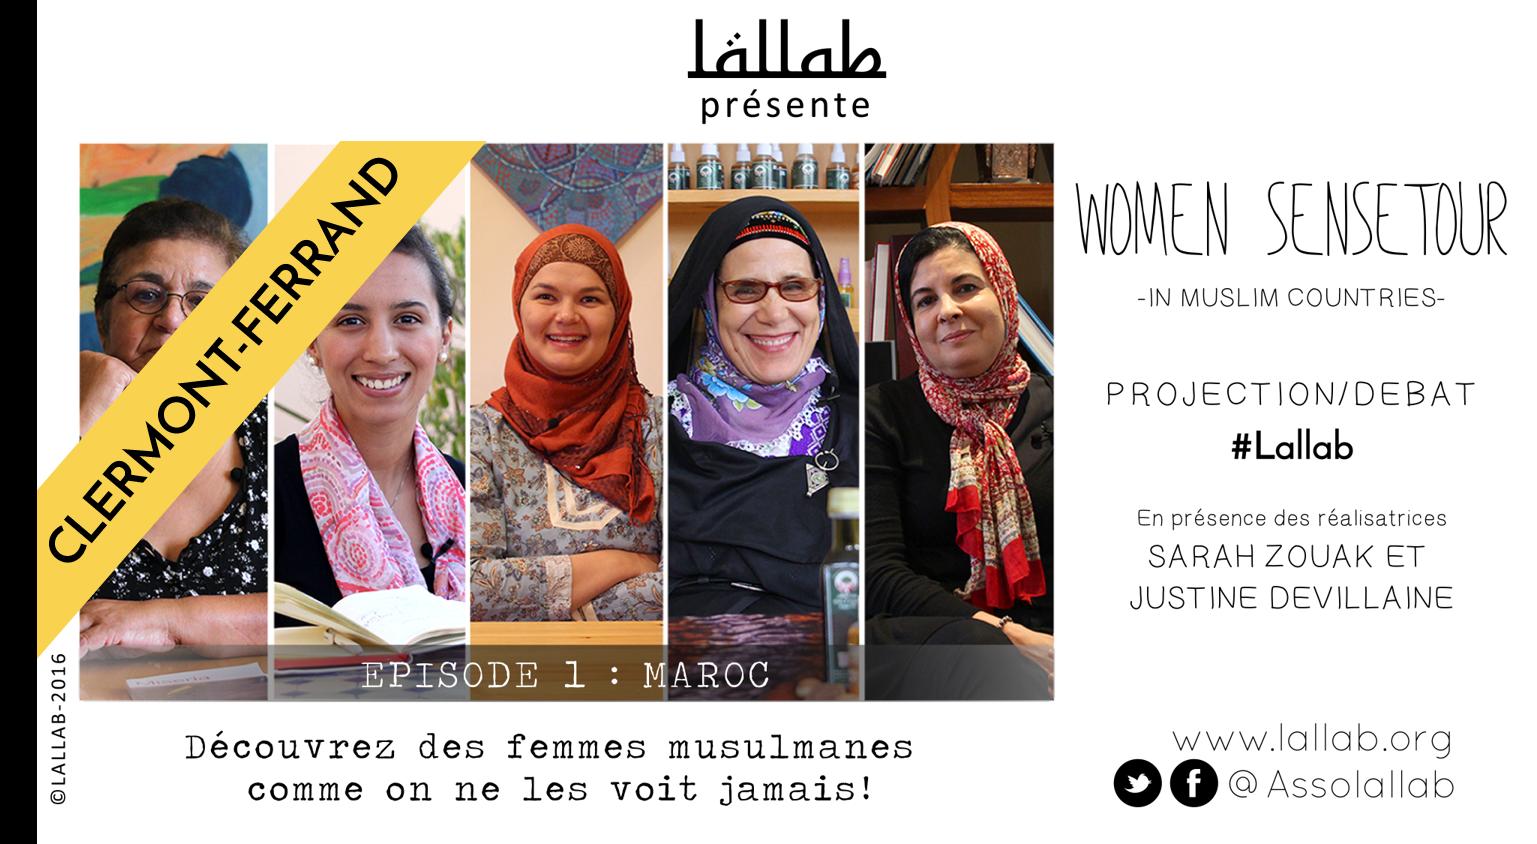 Site de rencontre de femmes musulmanes